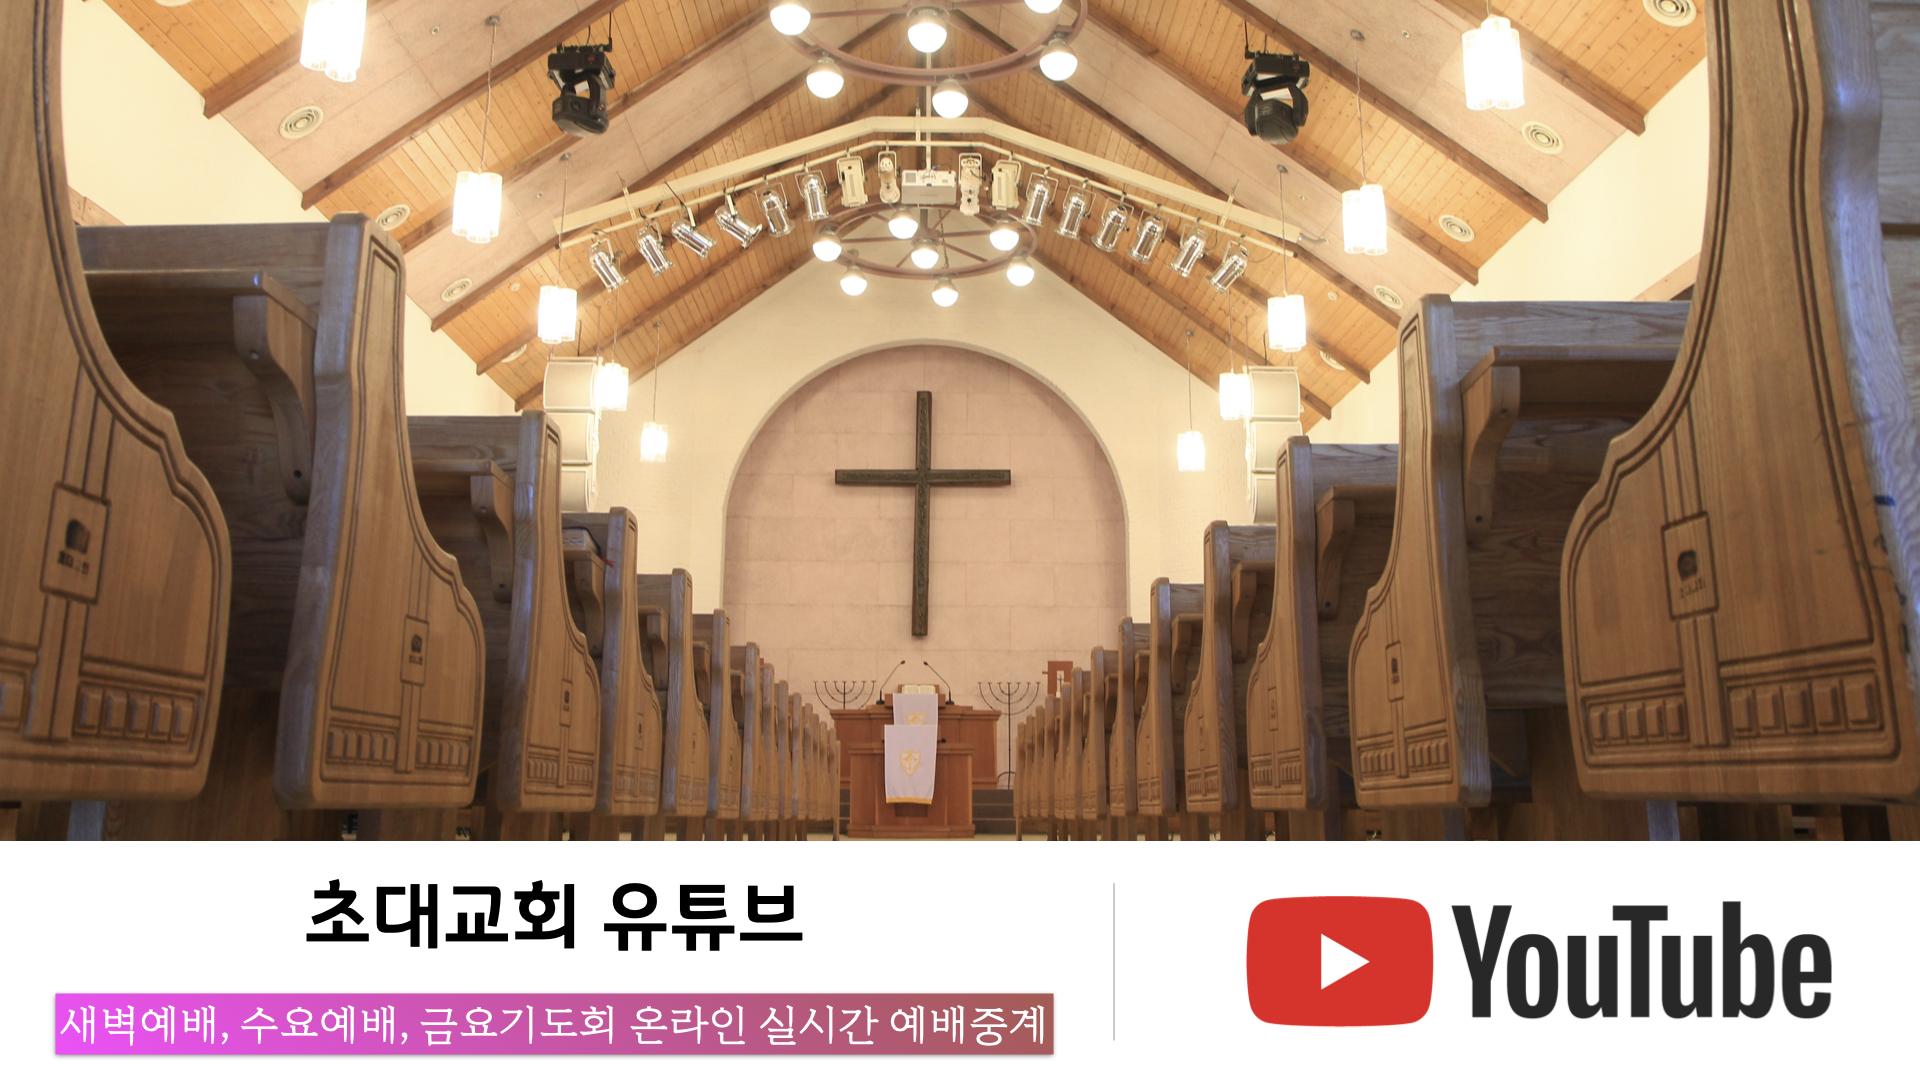 초대교회 유튜브